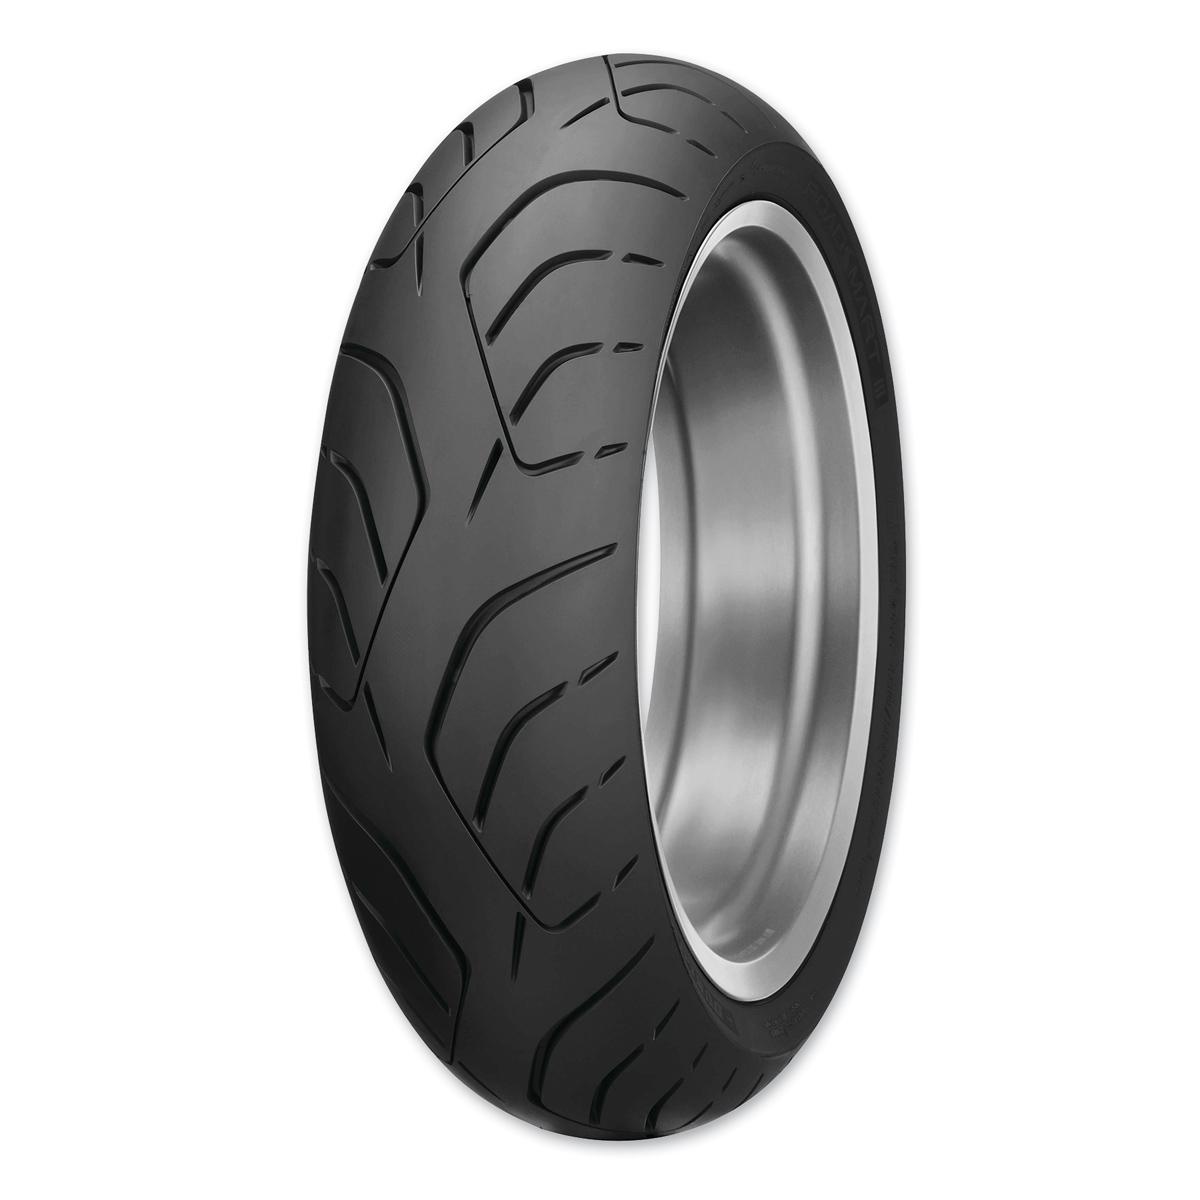 Dunlop Roadsmart III 170/60ZR17 Rear Tire